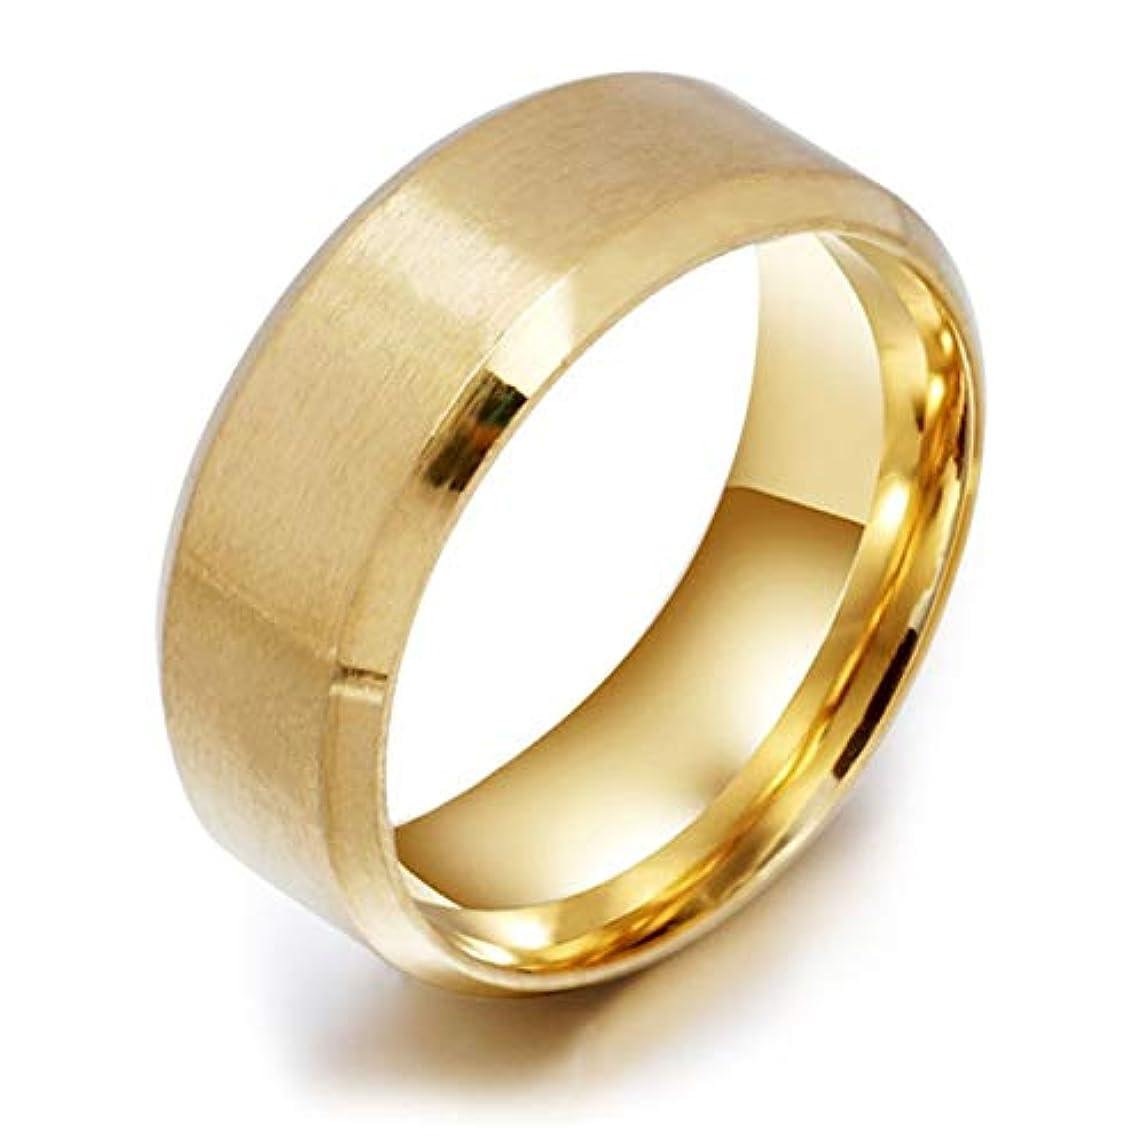 法医学寄生虫折るステンレス鋼の医療指リング磁気減量リング男性のための高いポーランドのファッションジュエリー女性リング-ゴールド10